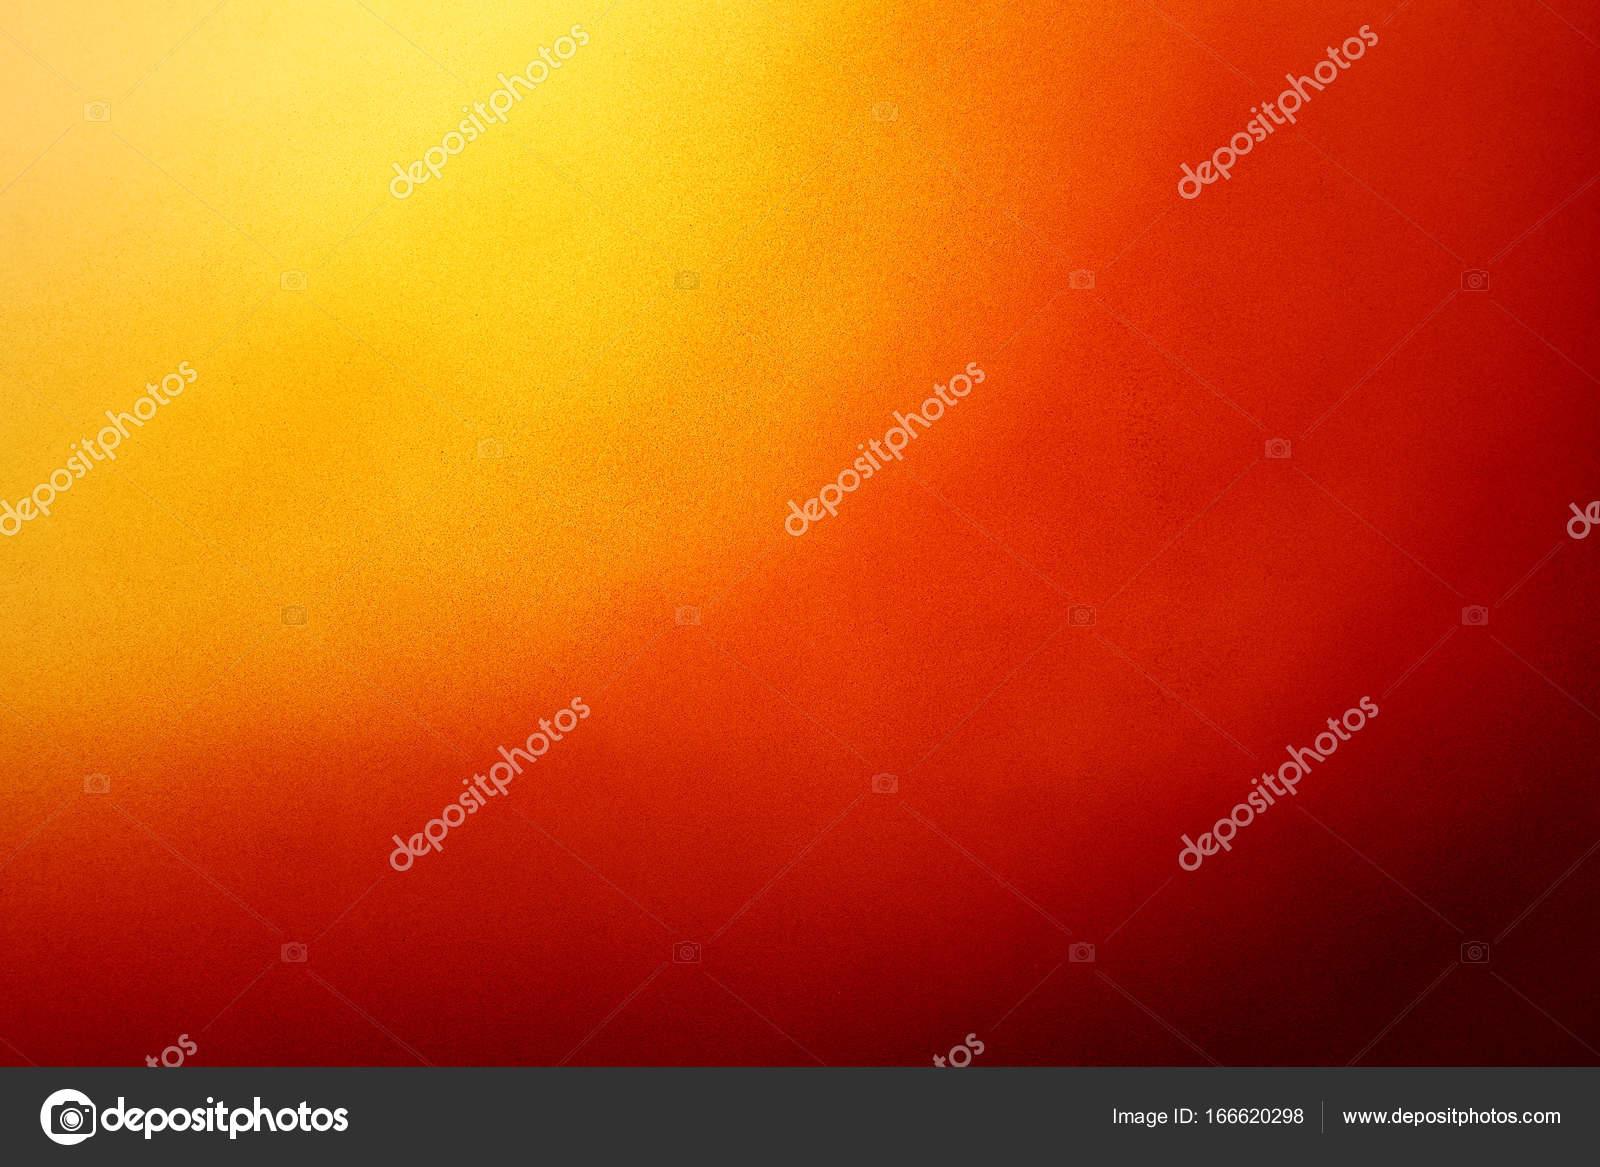 Fondo Fondos Abstractos Rojo Y Amarillo: Abstracto Fondo Rojo Y Amarillo Con Ruido